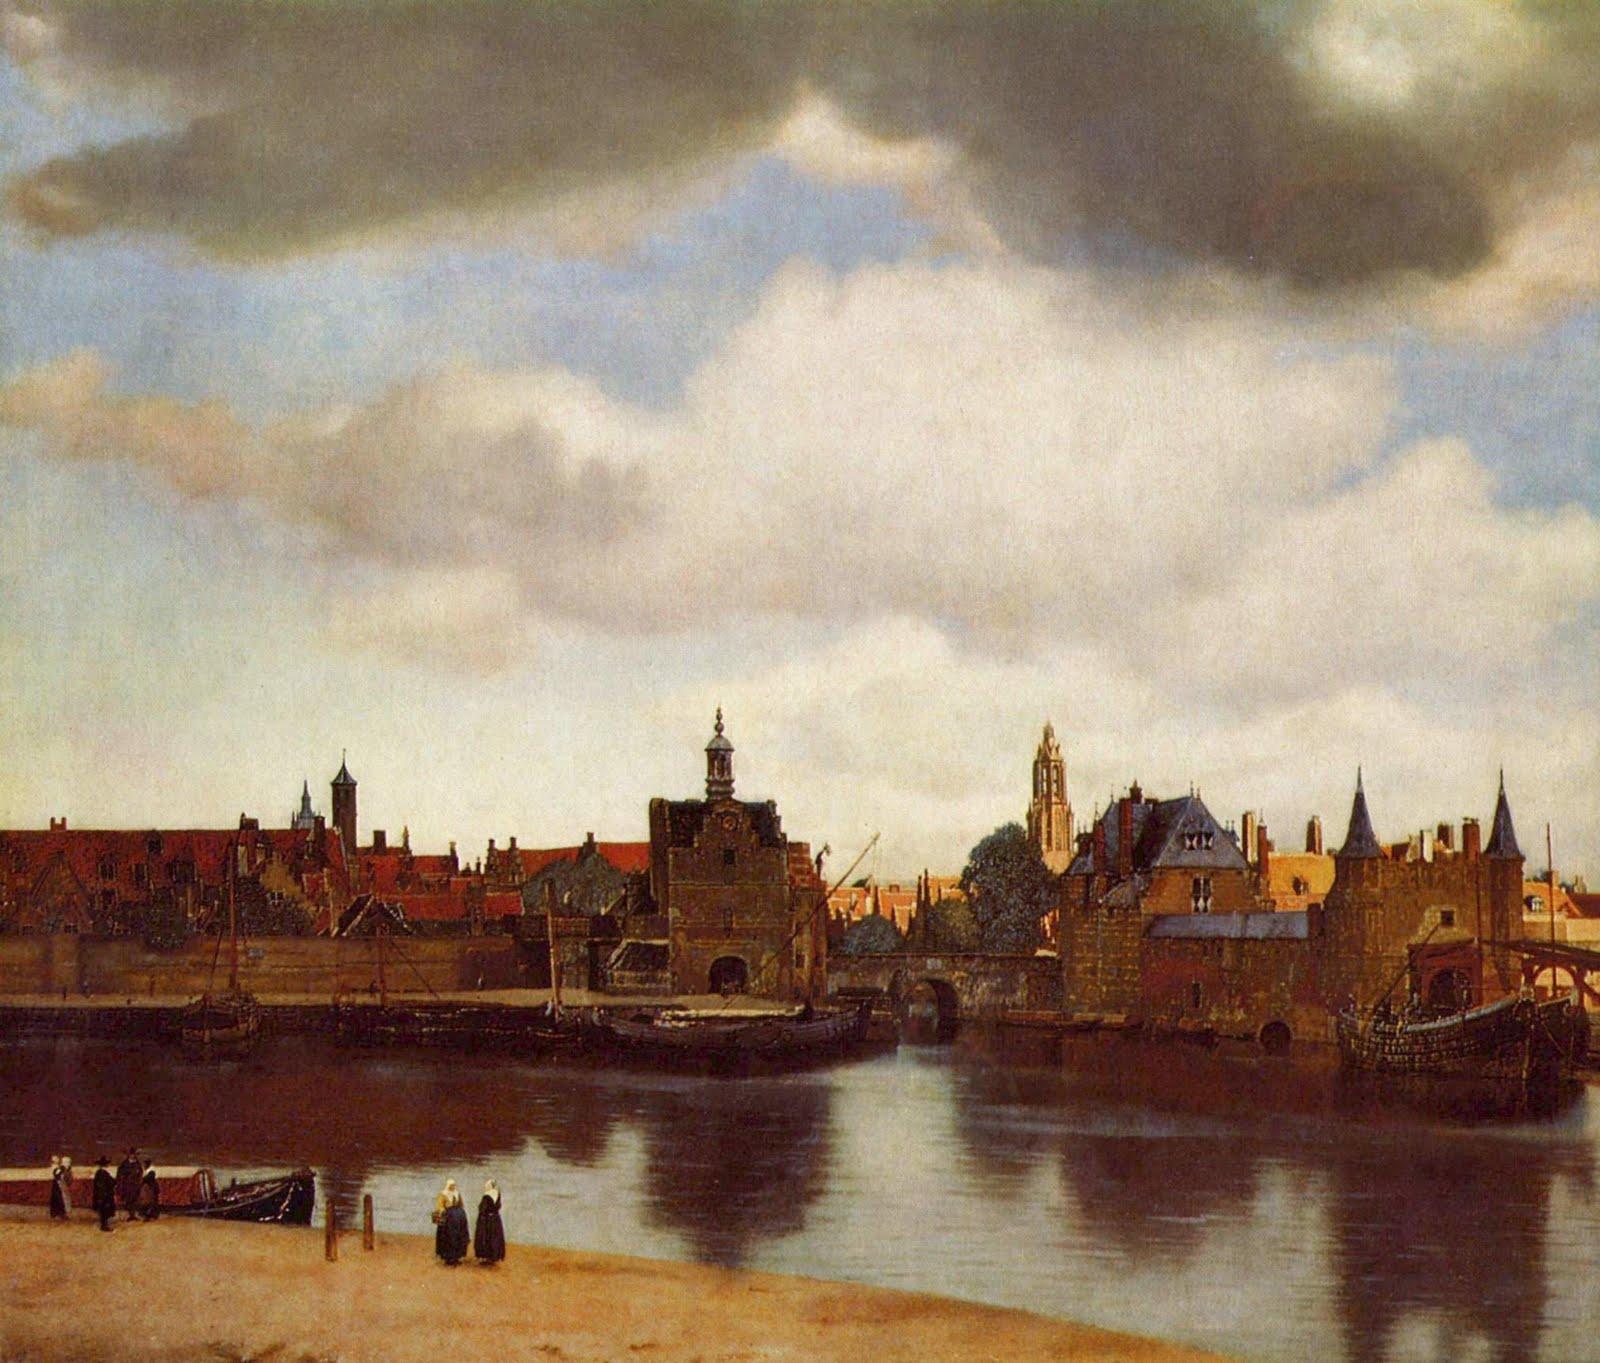 Gezicht+op+Delft+groot2.jpg (1600×1363)